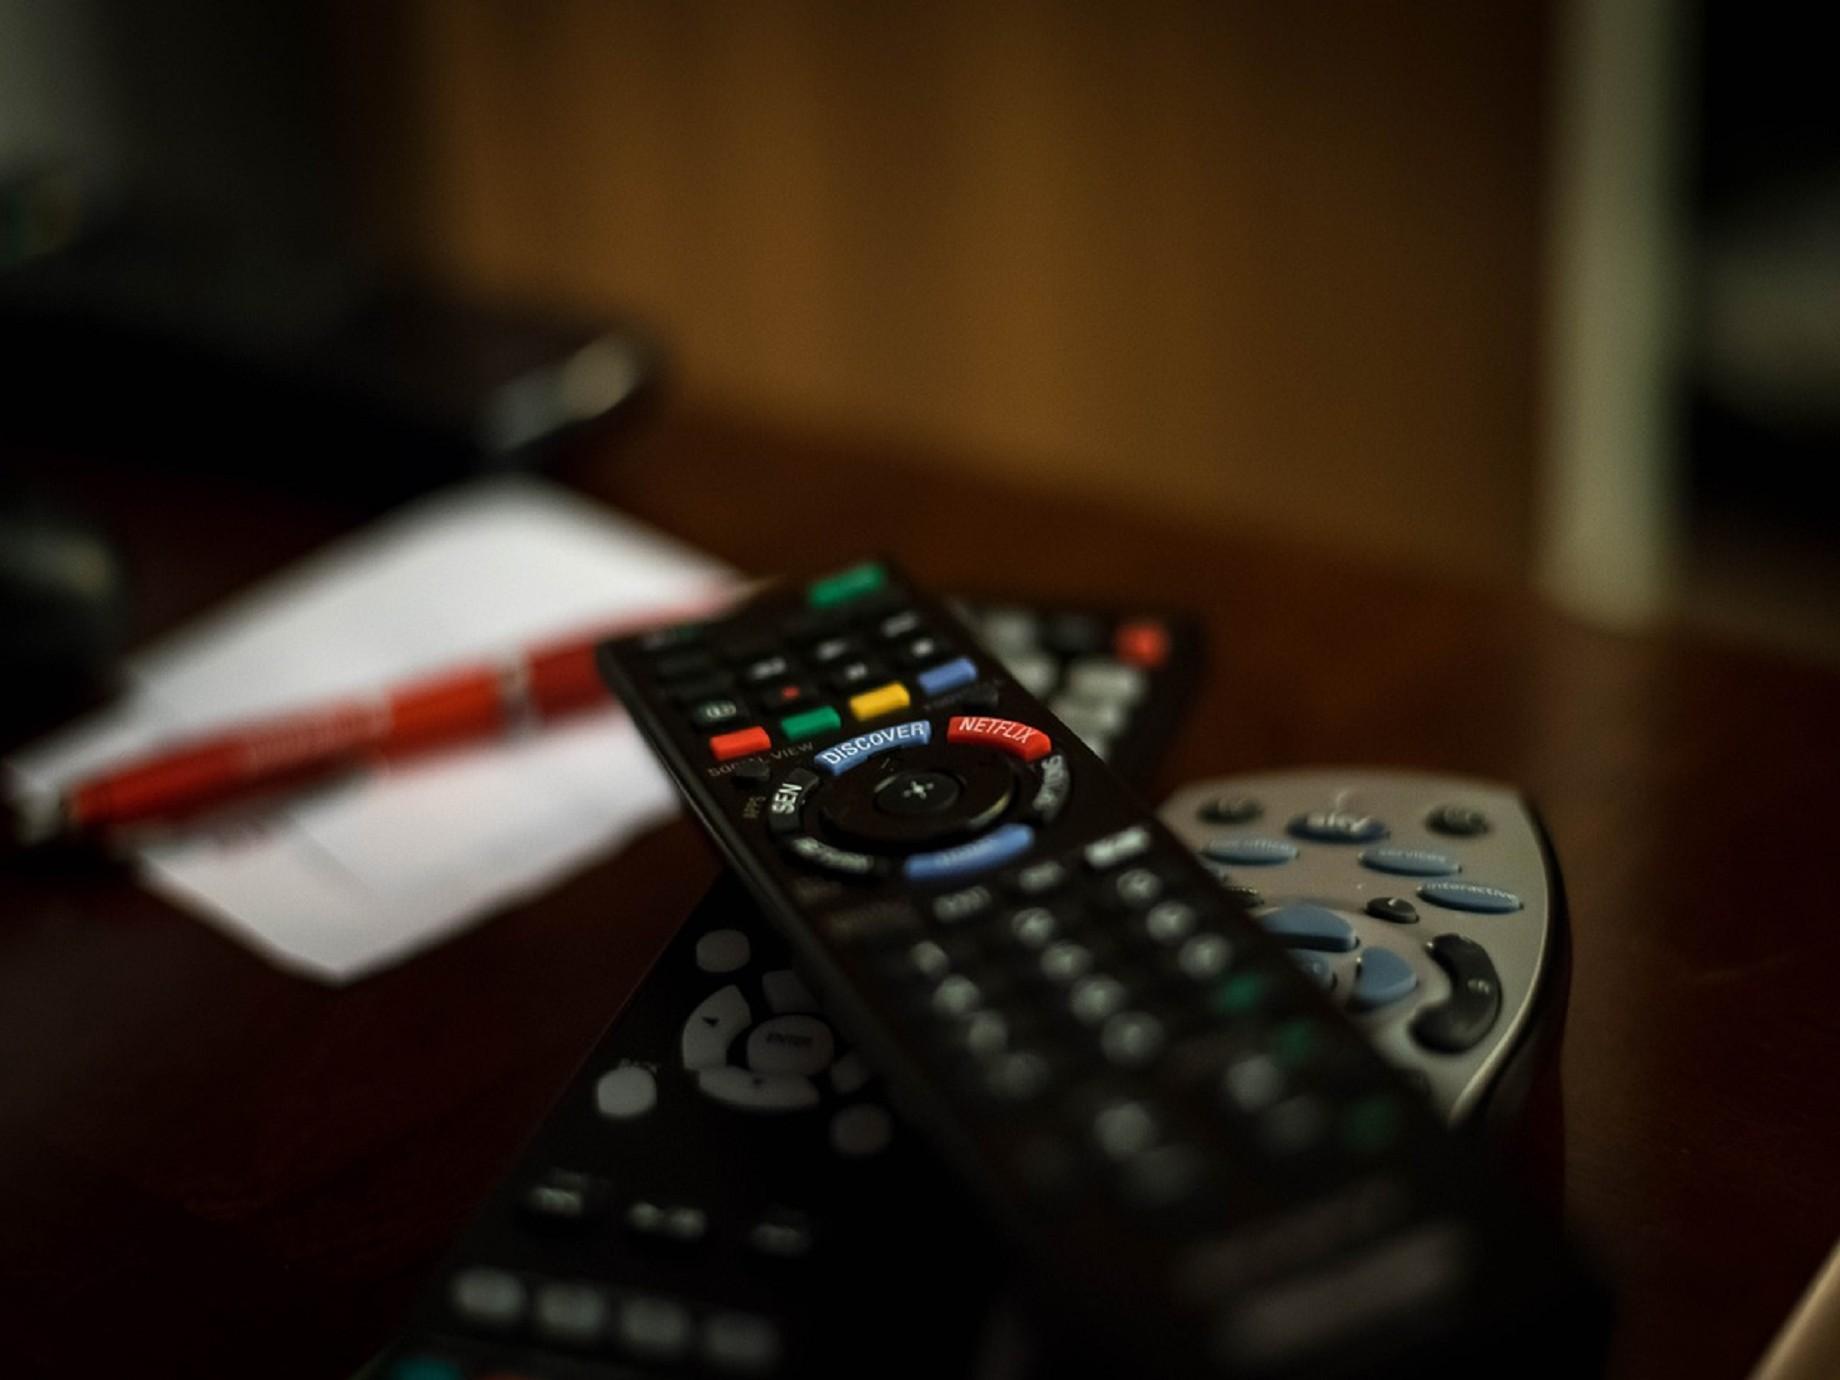 2015電視與媒體消費趨勢報告:行動裝置看電視、原創內容正夯